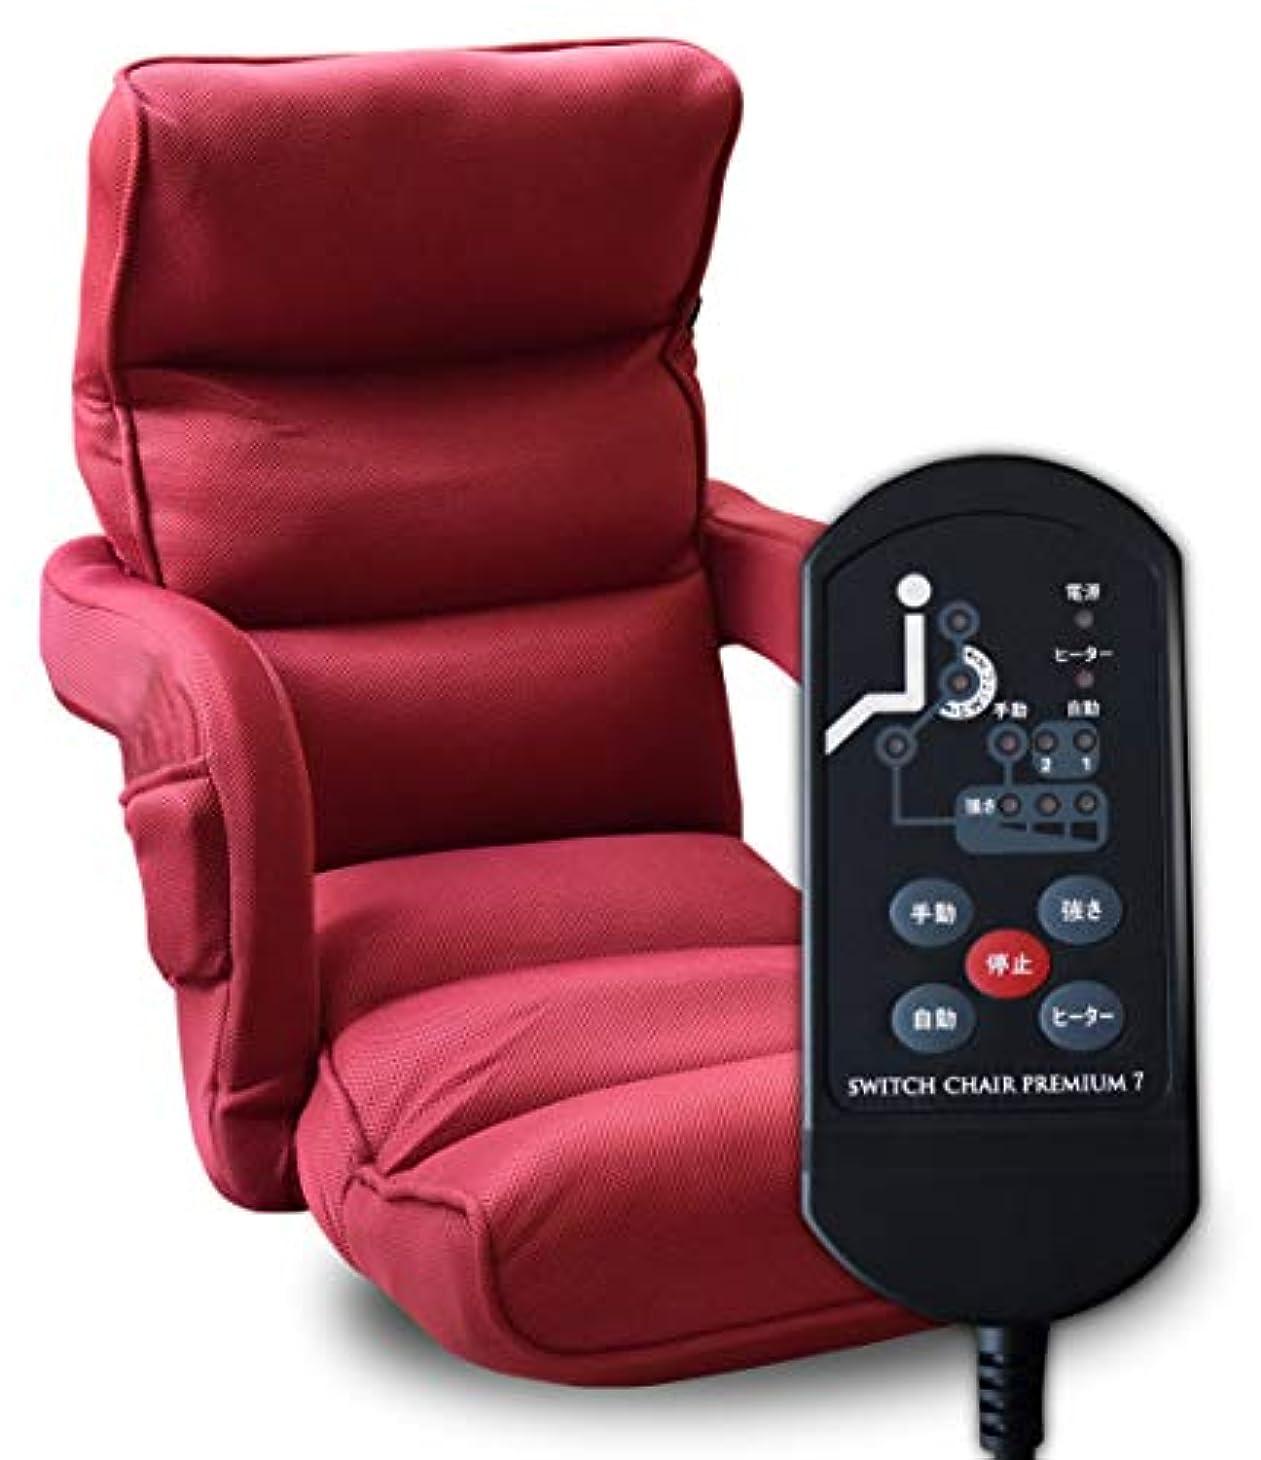 速報気候結果としてSWITCH CHAIR PREMIUM 7 マッサージ器 マッサージ機 肘掛け付き座椅子 マッサージ ヒーター 首 肩 腰 肩こり 背中 マッサージチェア ビクトリアンローズ